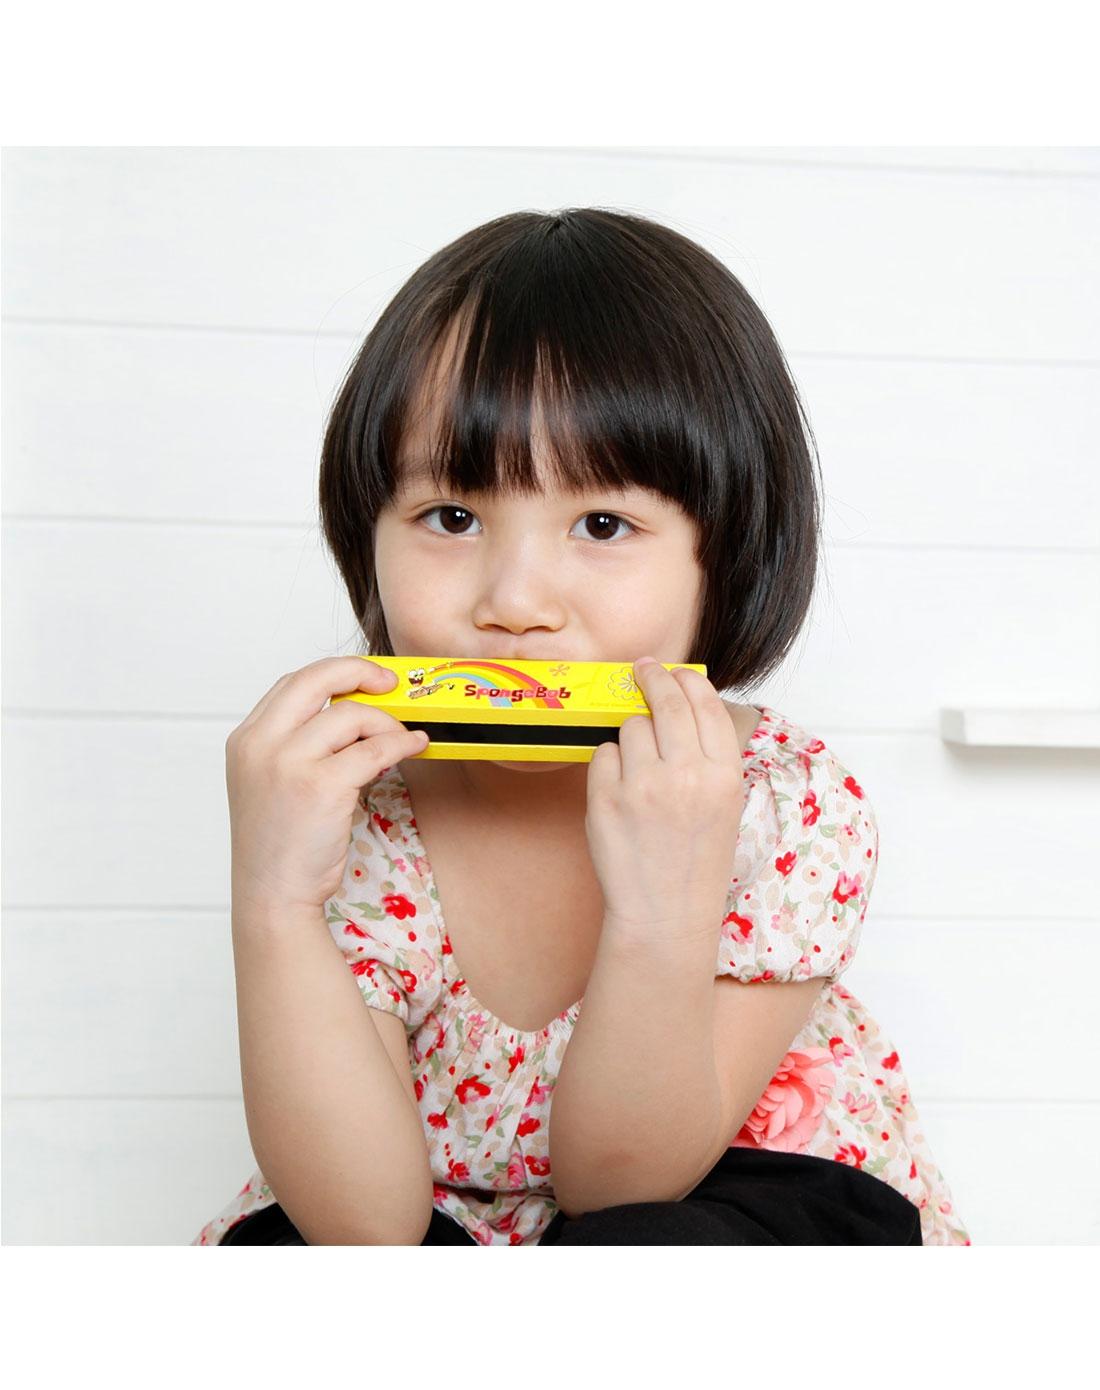 海绵宝宝乐器玩具造型口琴